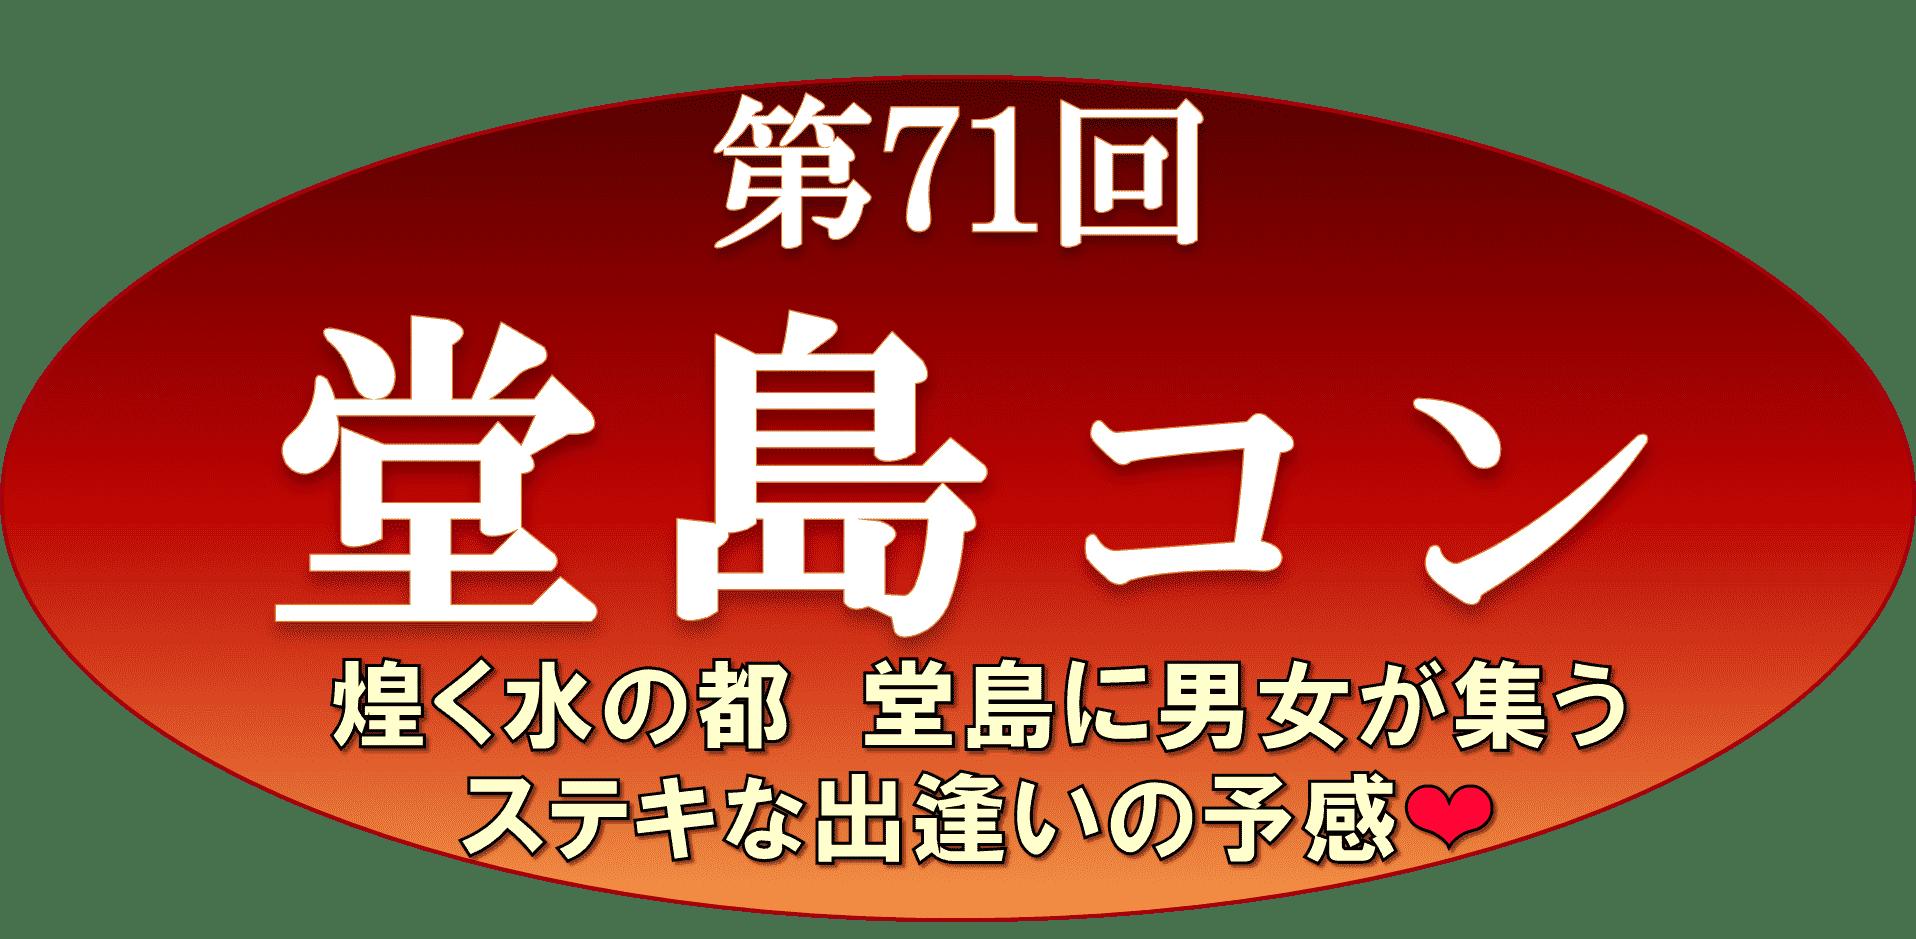 第71回_修正版バナー編集